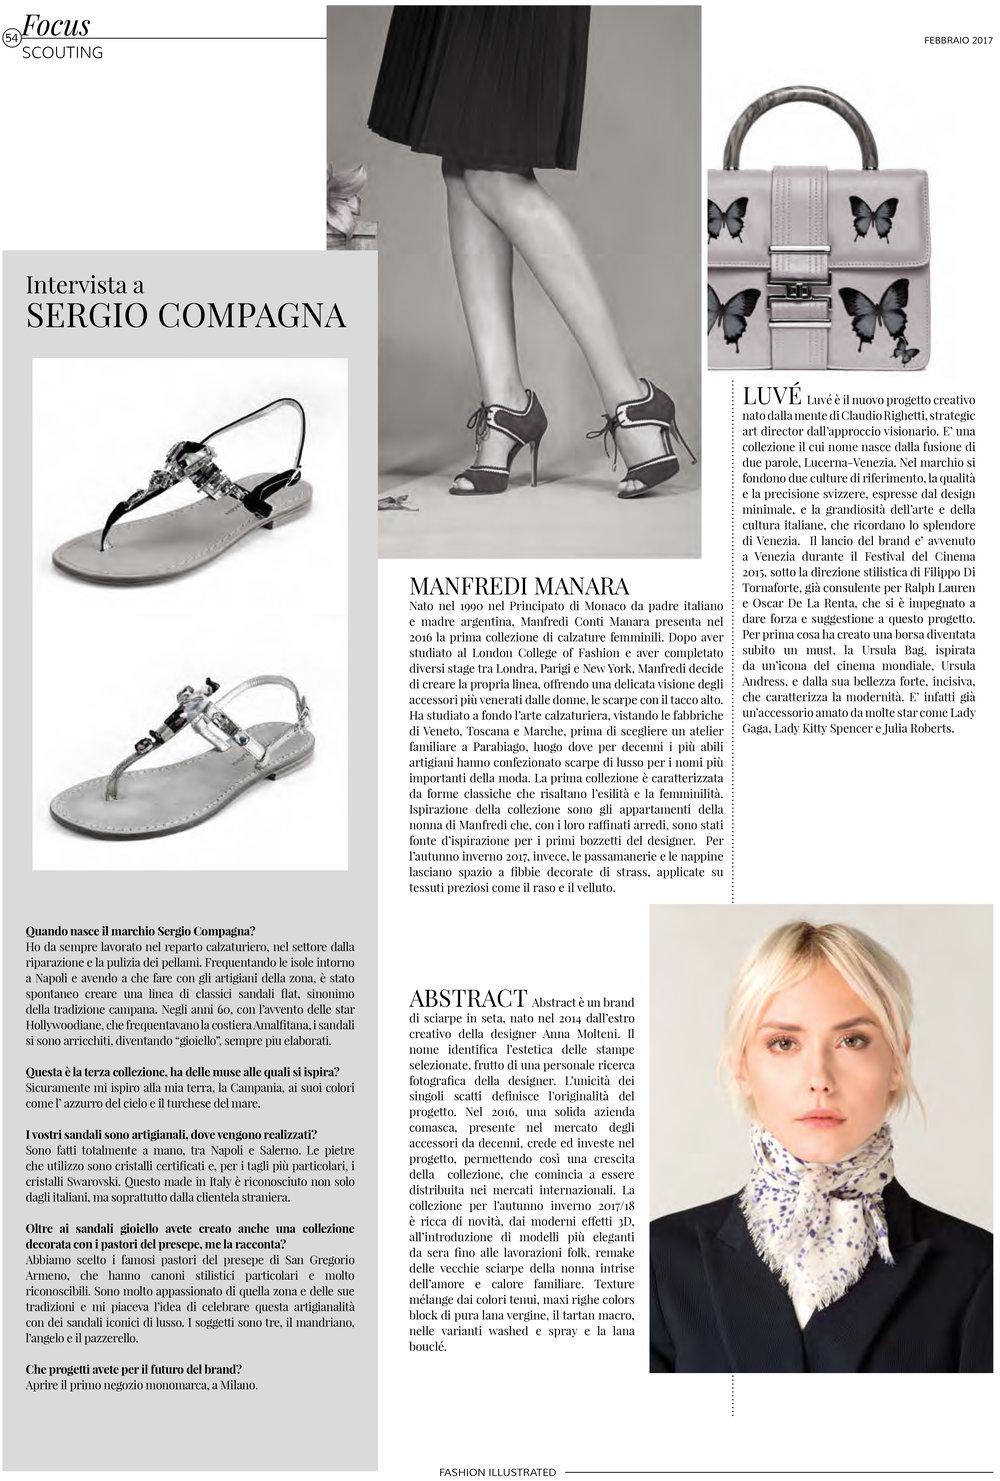 Fashion-Illustrated-46----inserto-trascinato.jpg 18e3a55eb58